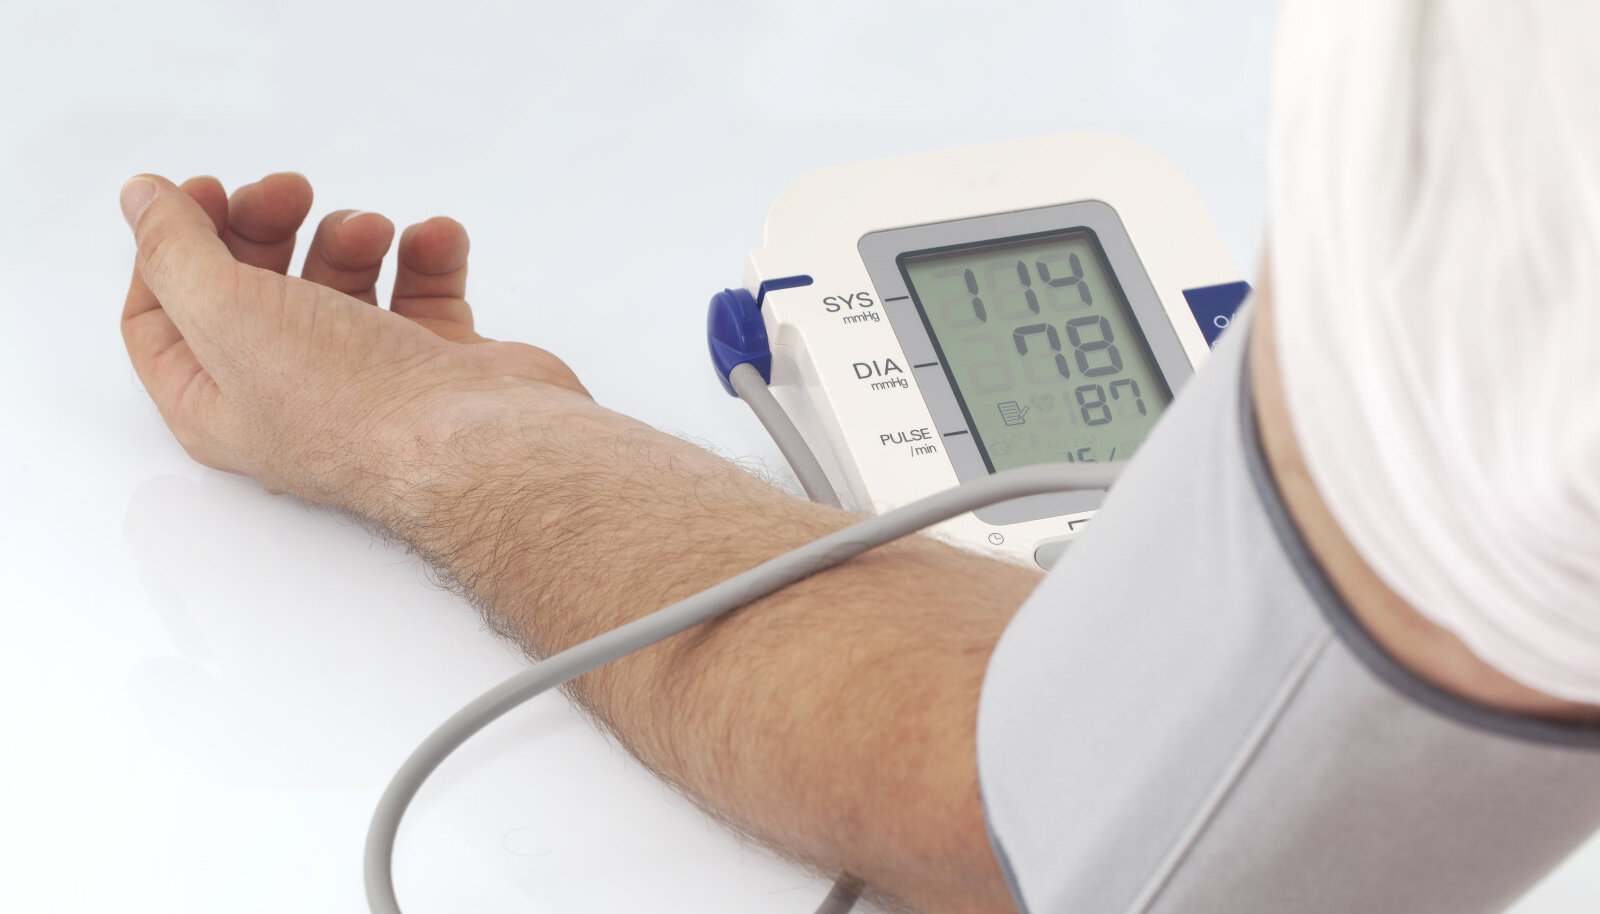 Foto allkiri: Vererõhu mõõtmiseks eelistage võimalusel õlavarremansetiga aparaati.